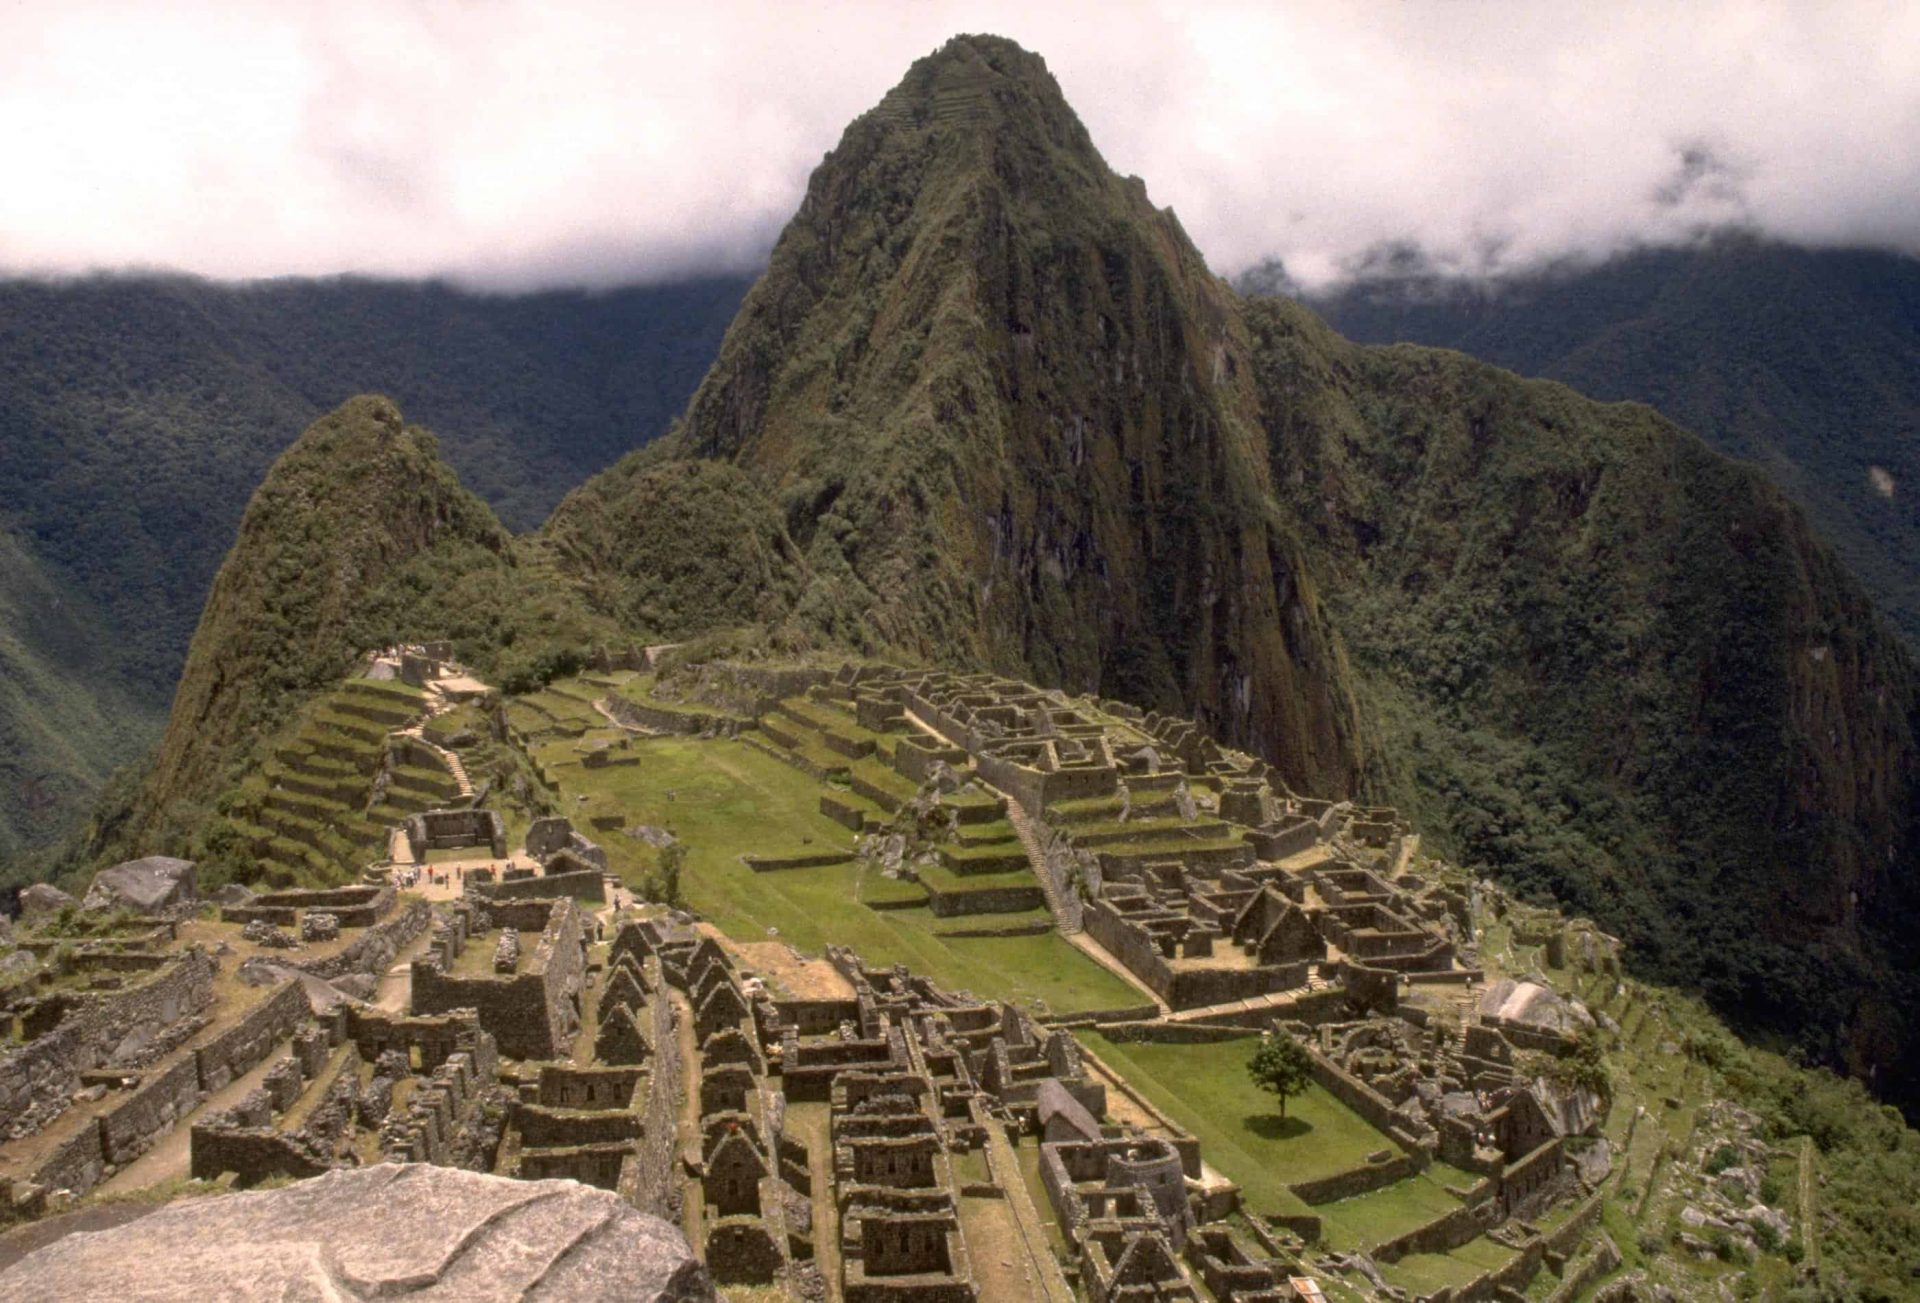 Hillside view at Machu Pichhu